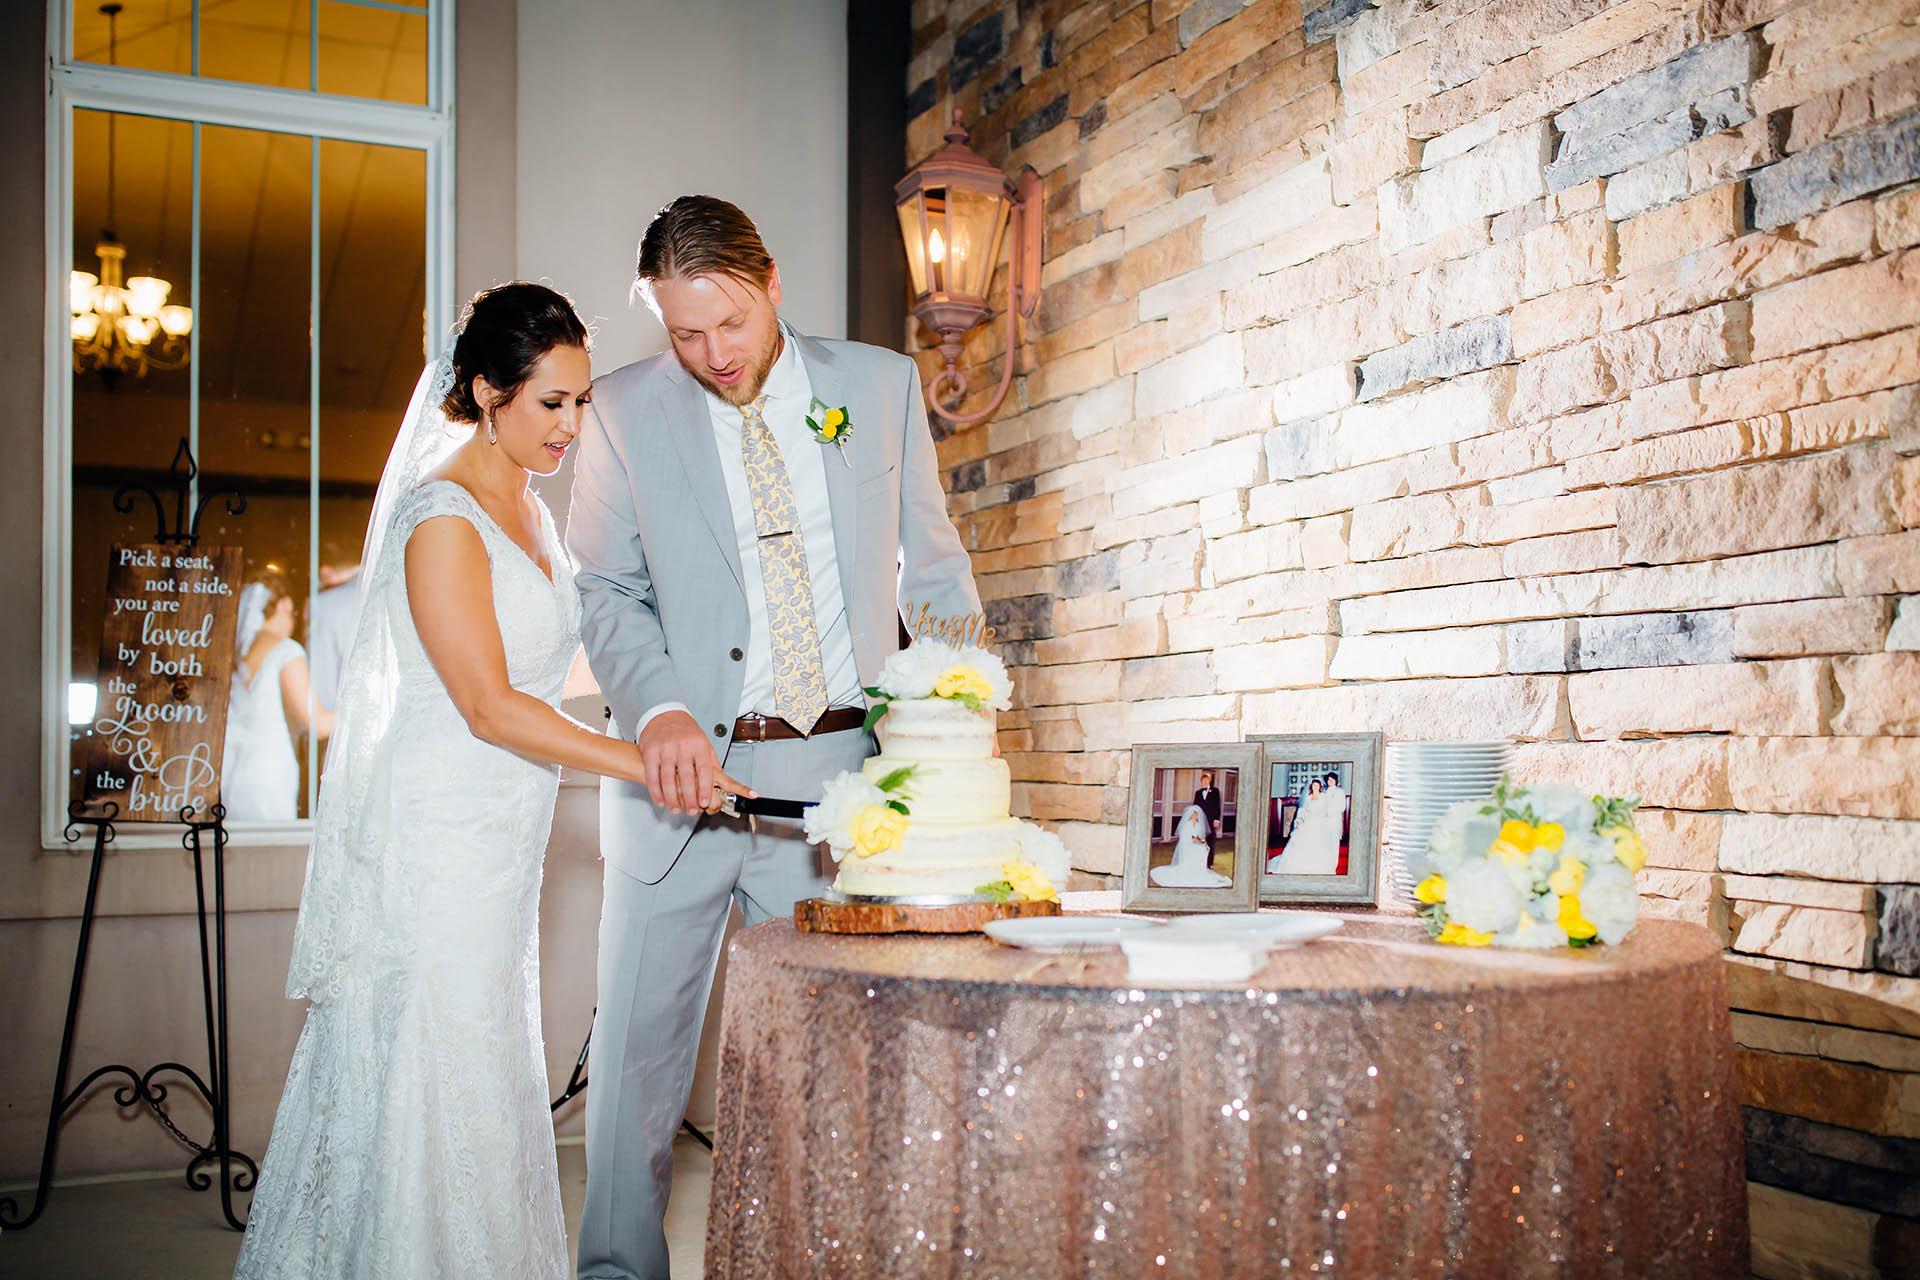 09-Wedgewood-Weddings-Ken-Caryl-Wedding-Venue-Reception-Cake_72dpi